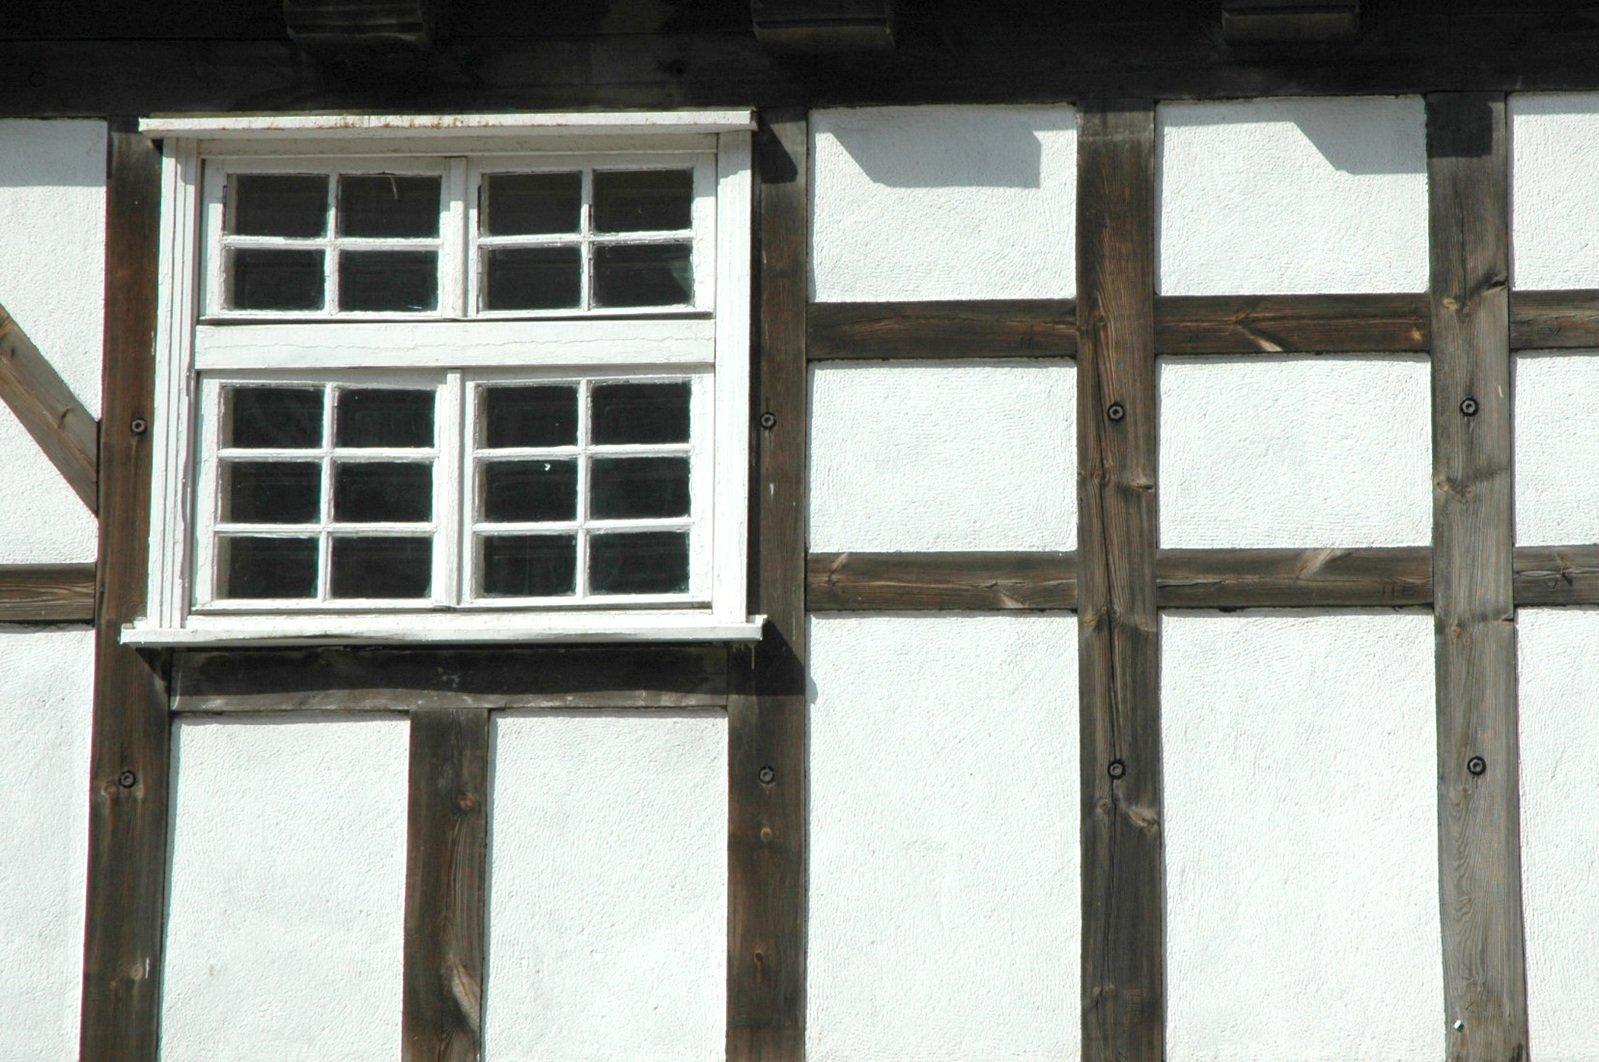 window,wall,pattern,house